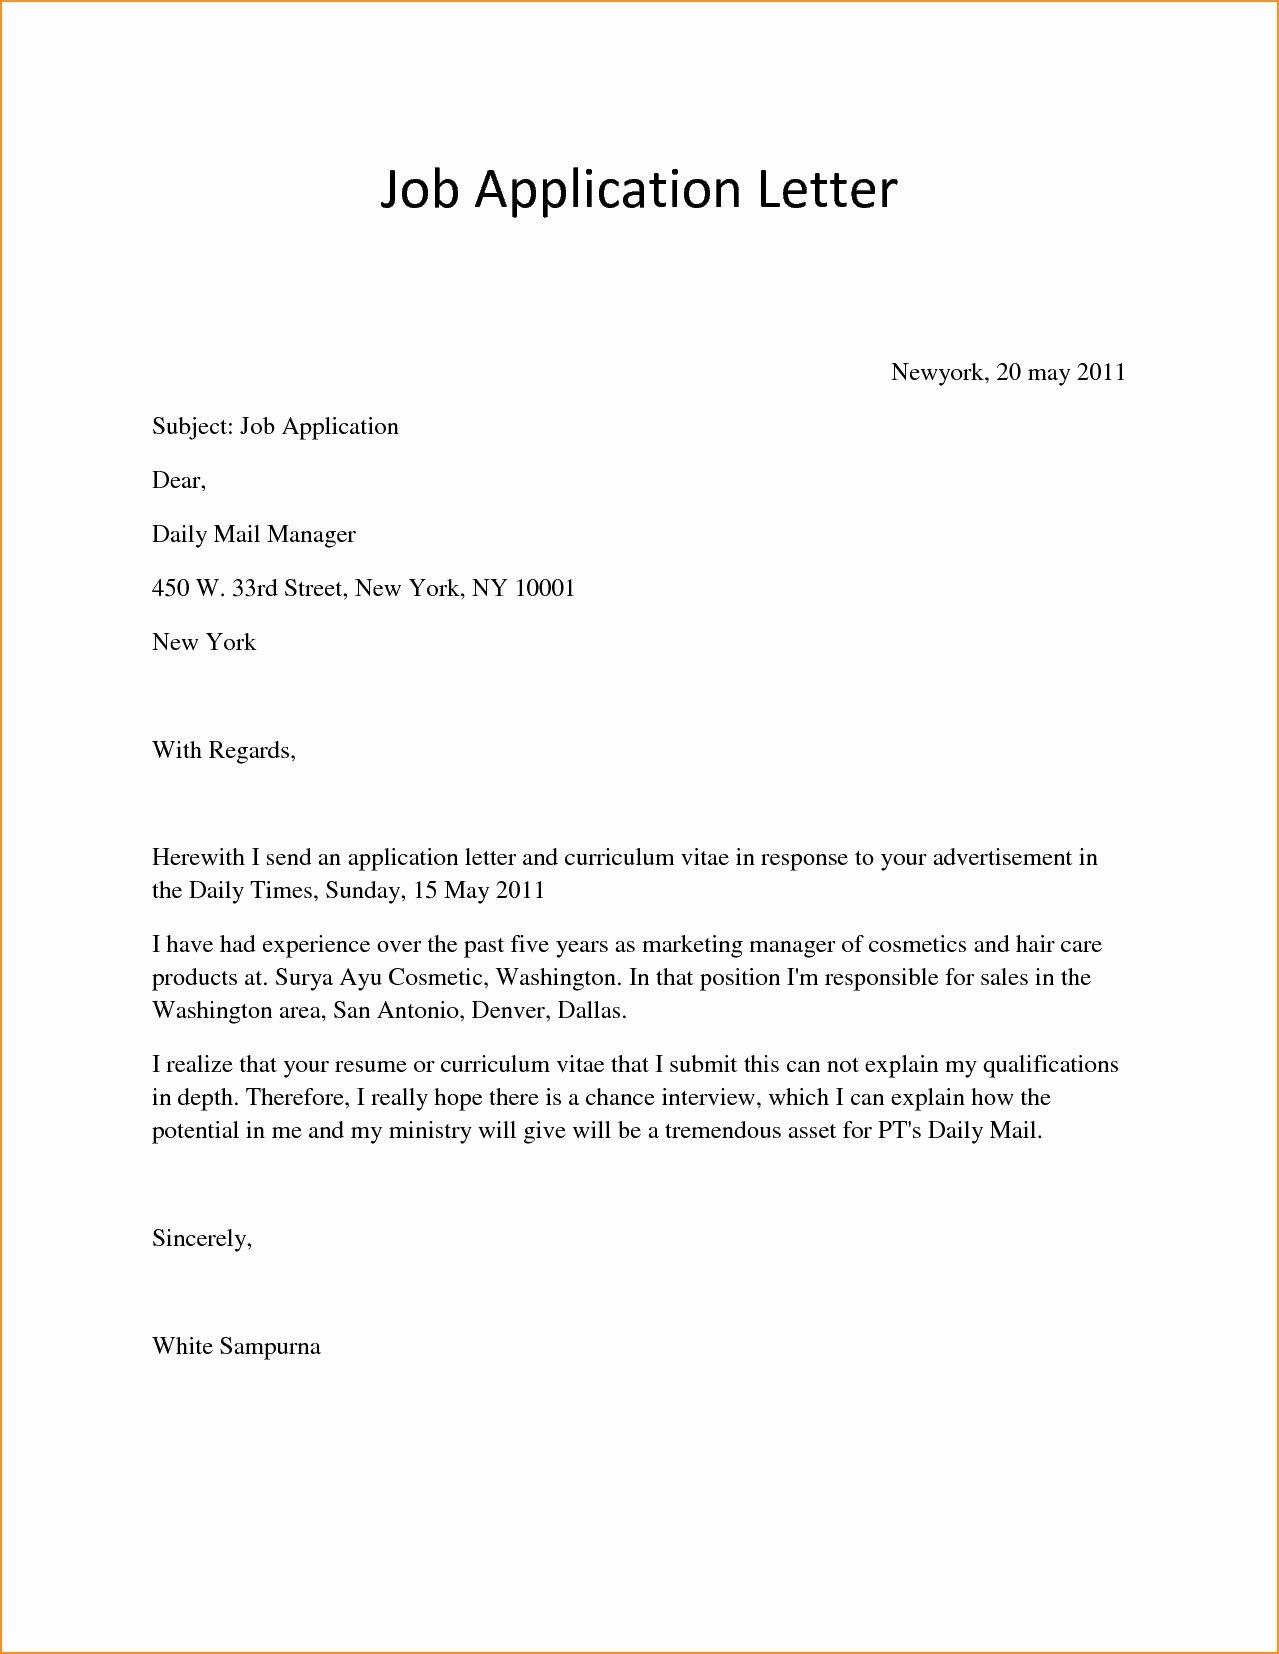 Basic Covering Letter Example Cover Letter Models for Job